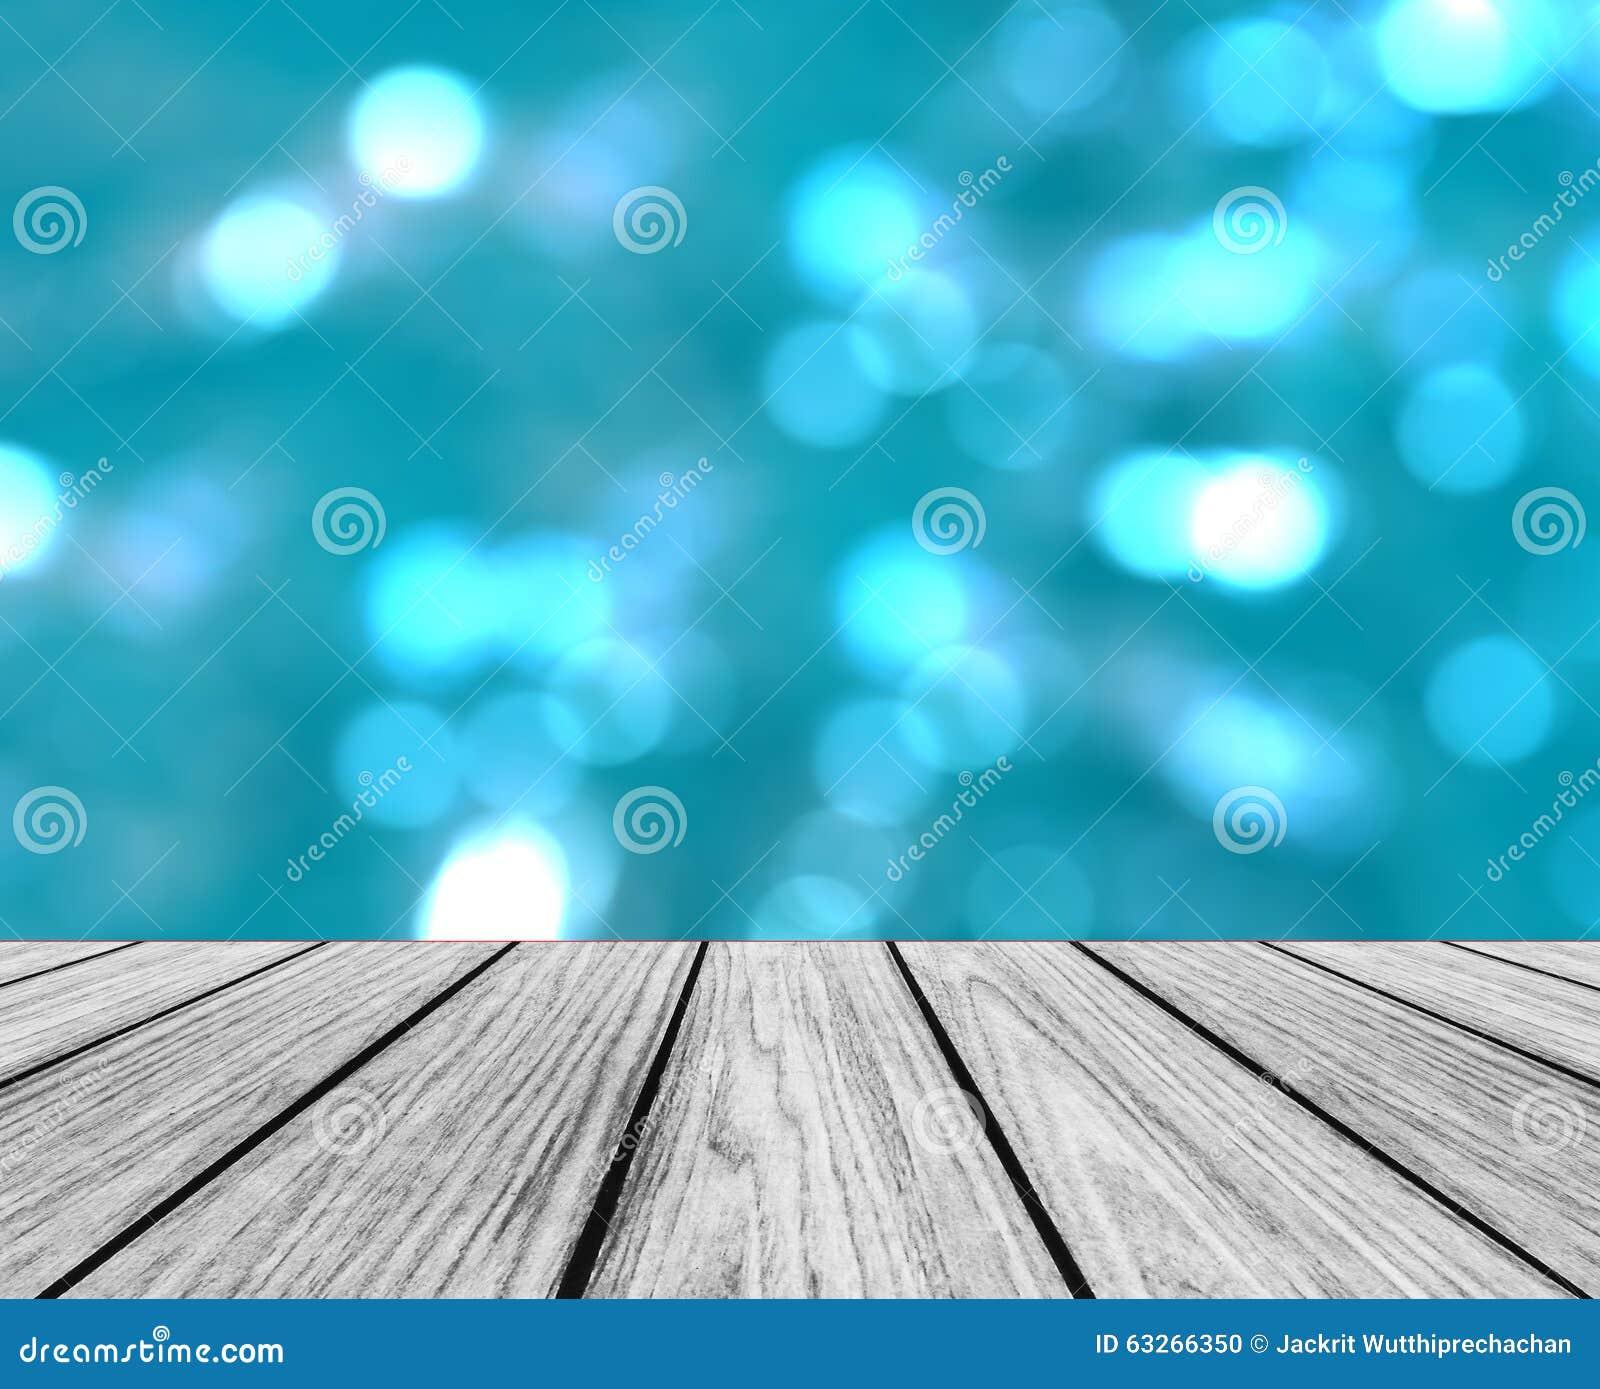 Videz la plate-forme en bois de perspective avec le fond clair rond coloré abstrait de scintillement de cercles de Bokeh utilisé